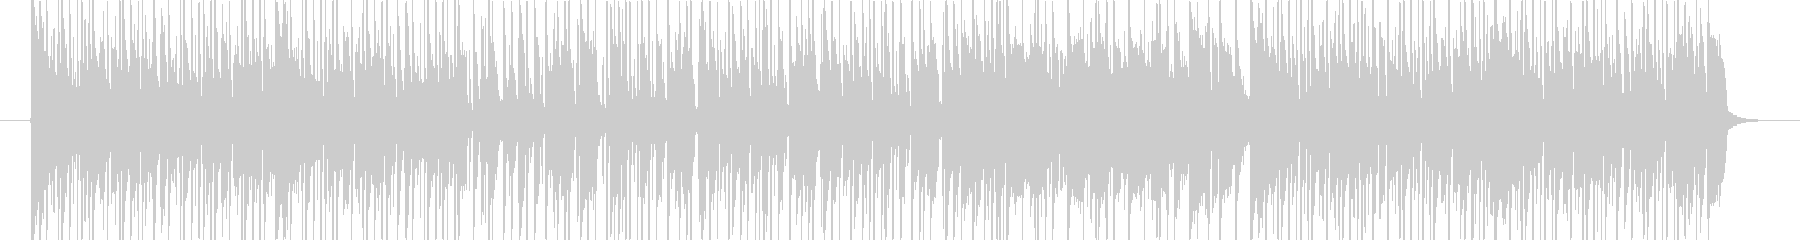 ファンク風BGMの未再生の波形